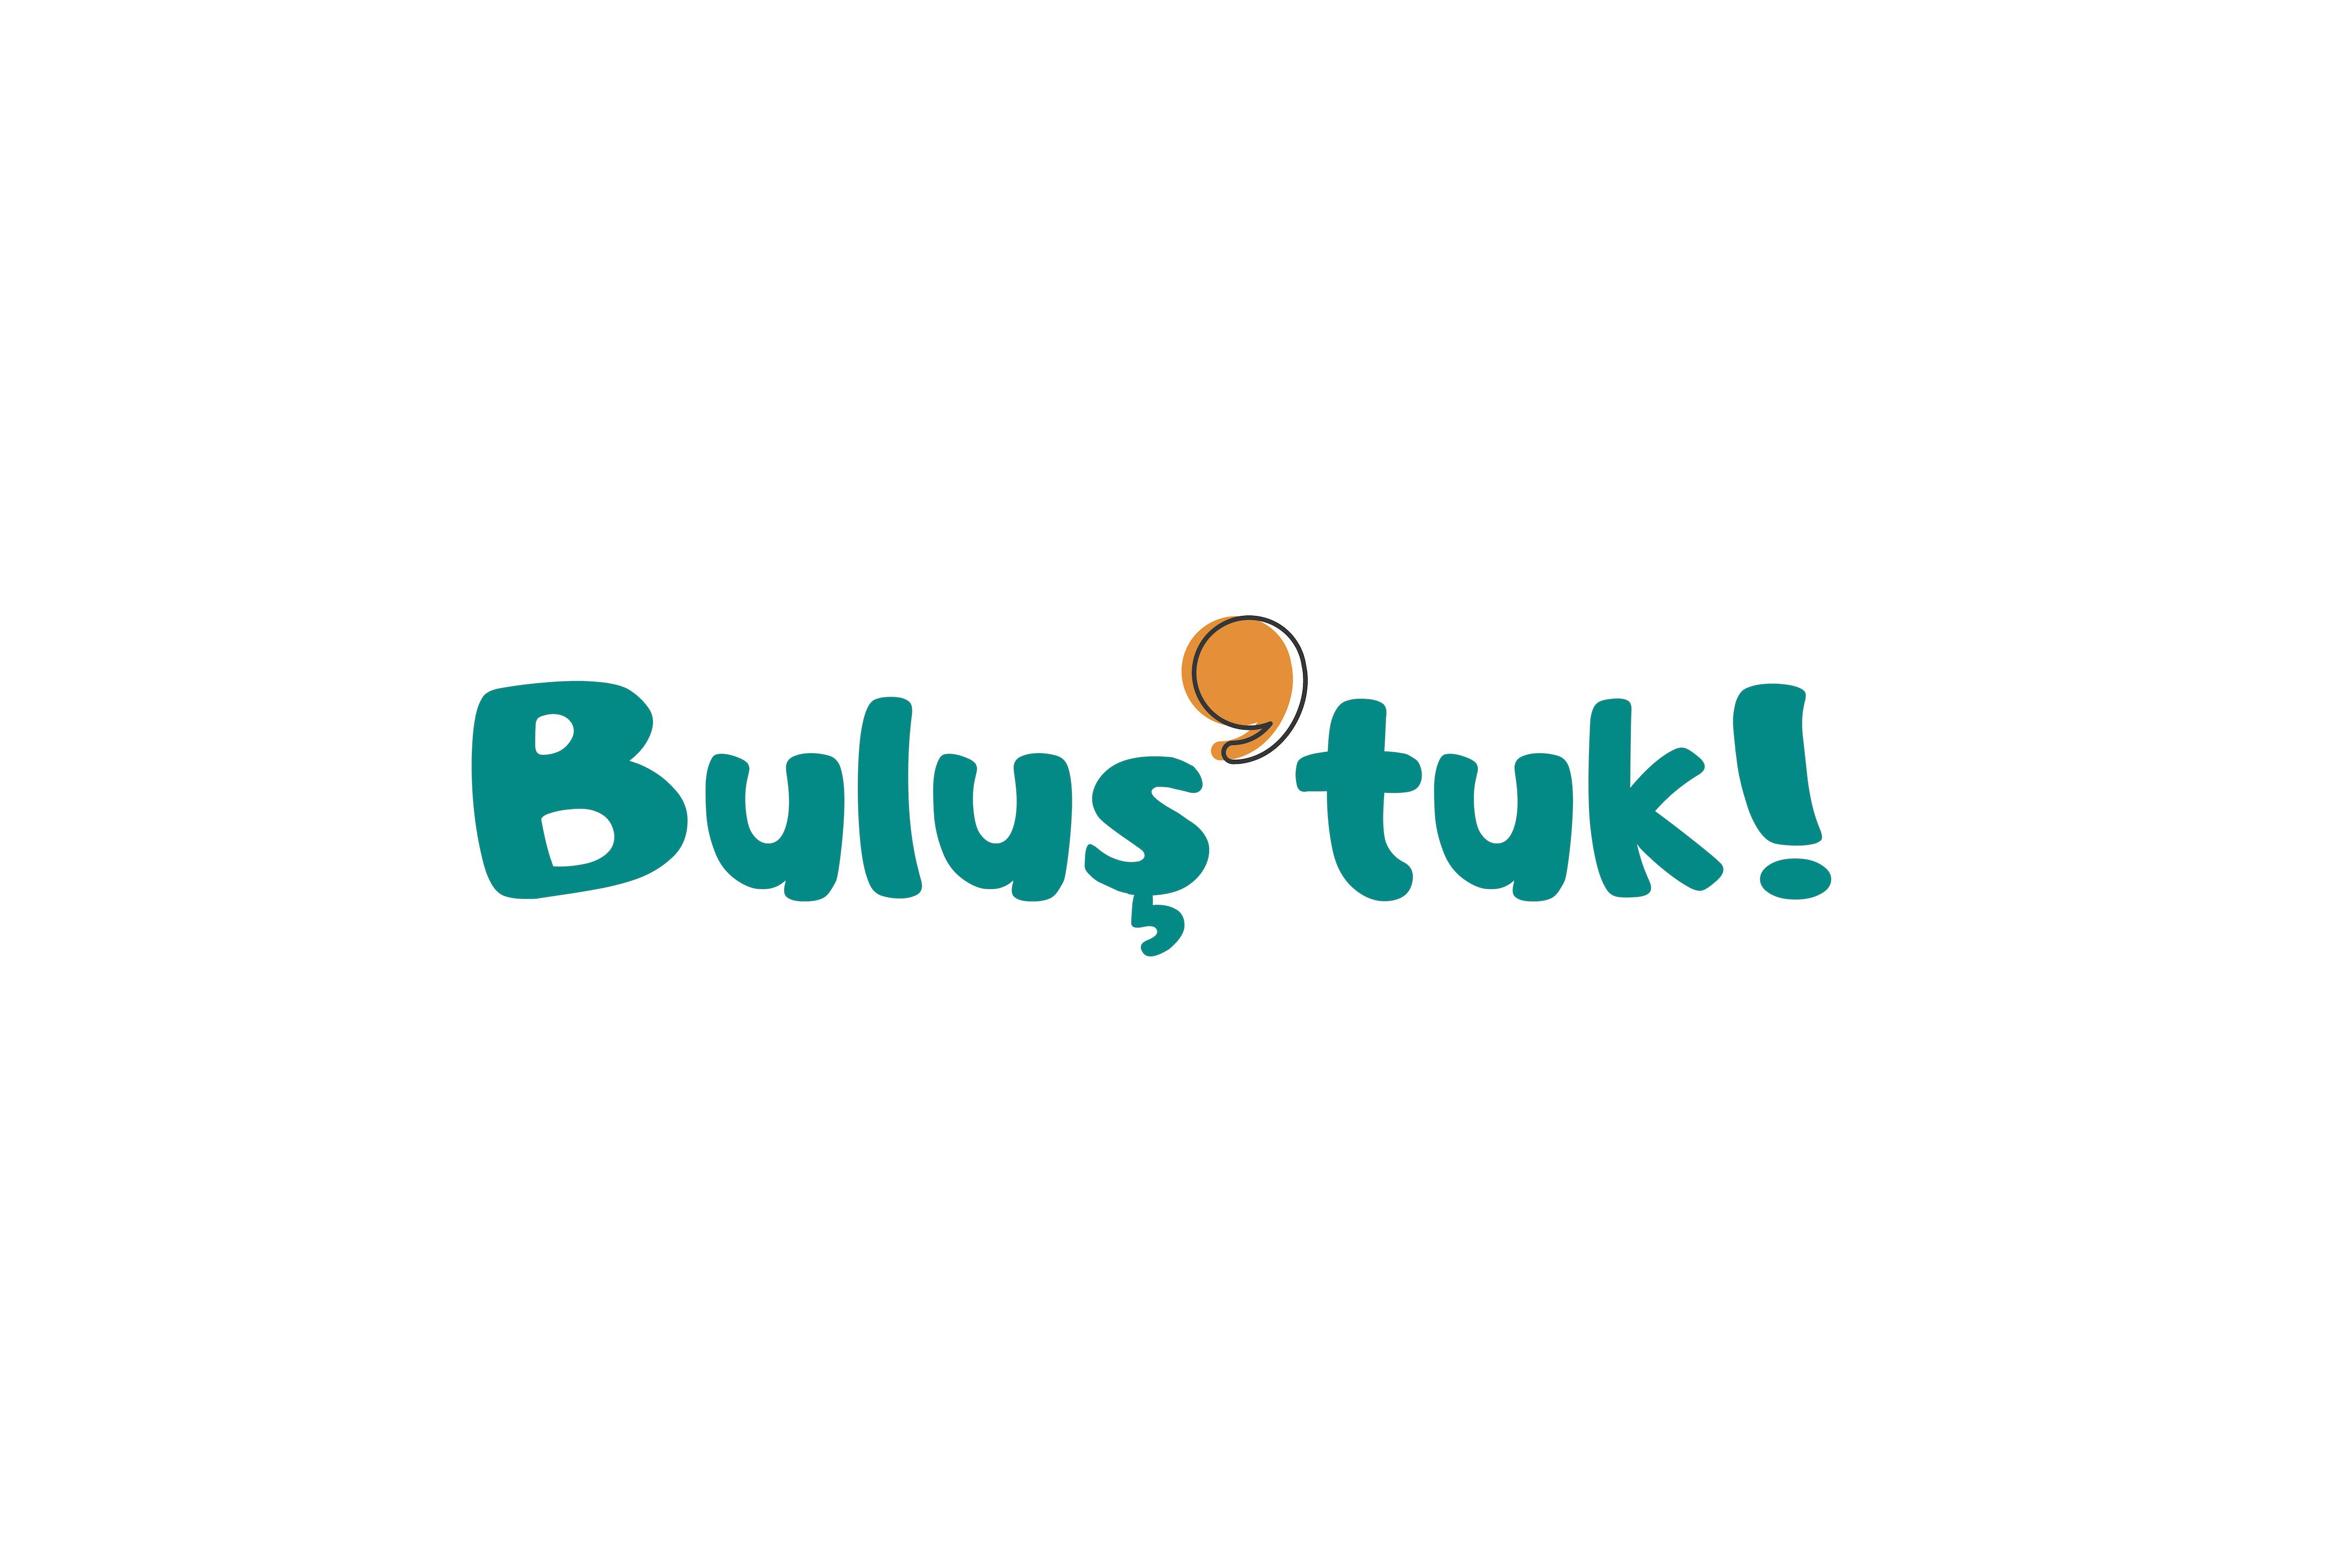 bulustuk-logo